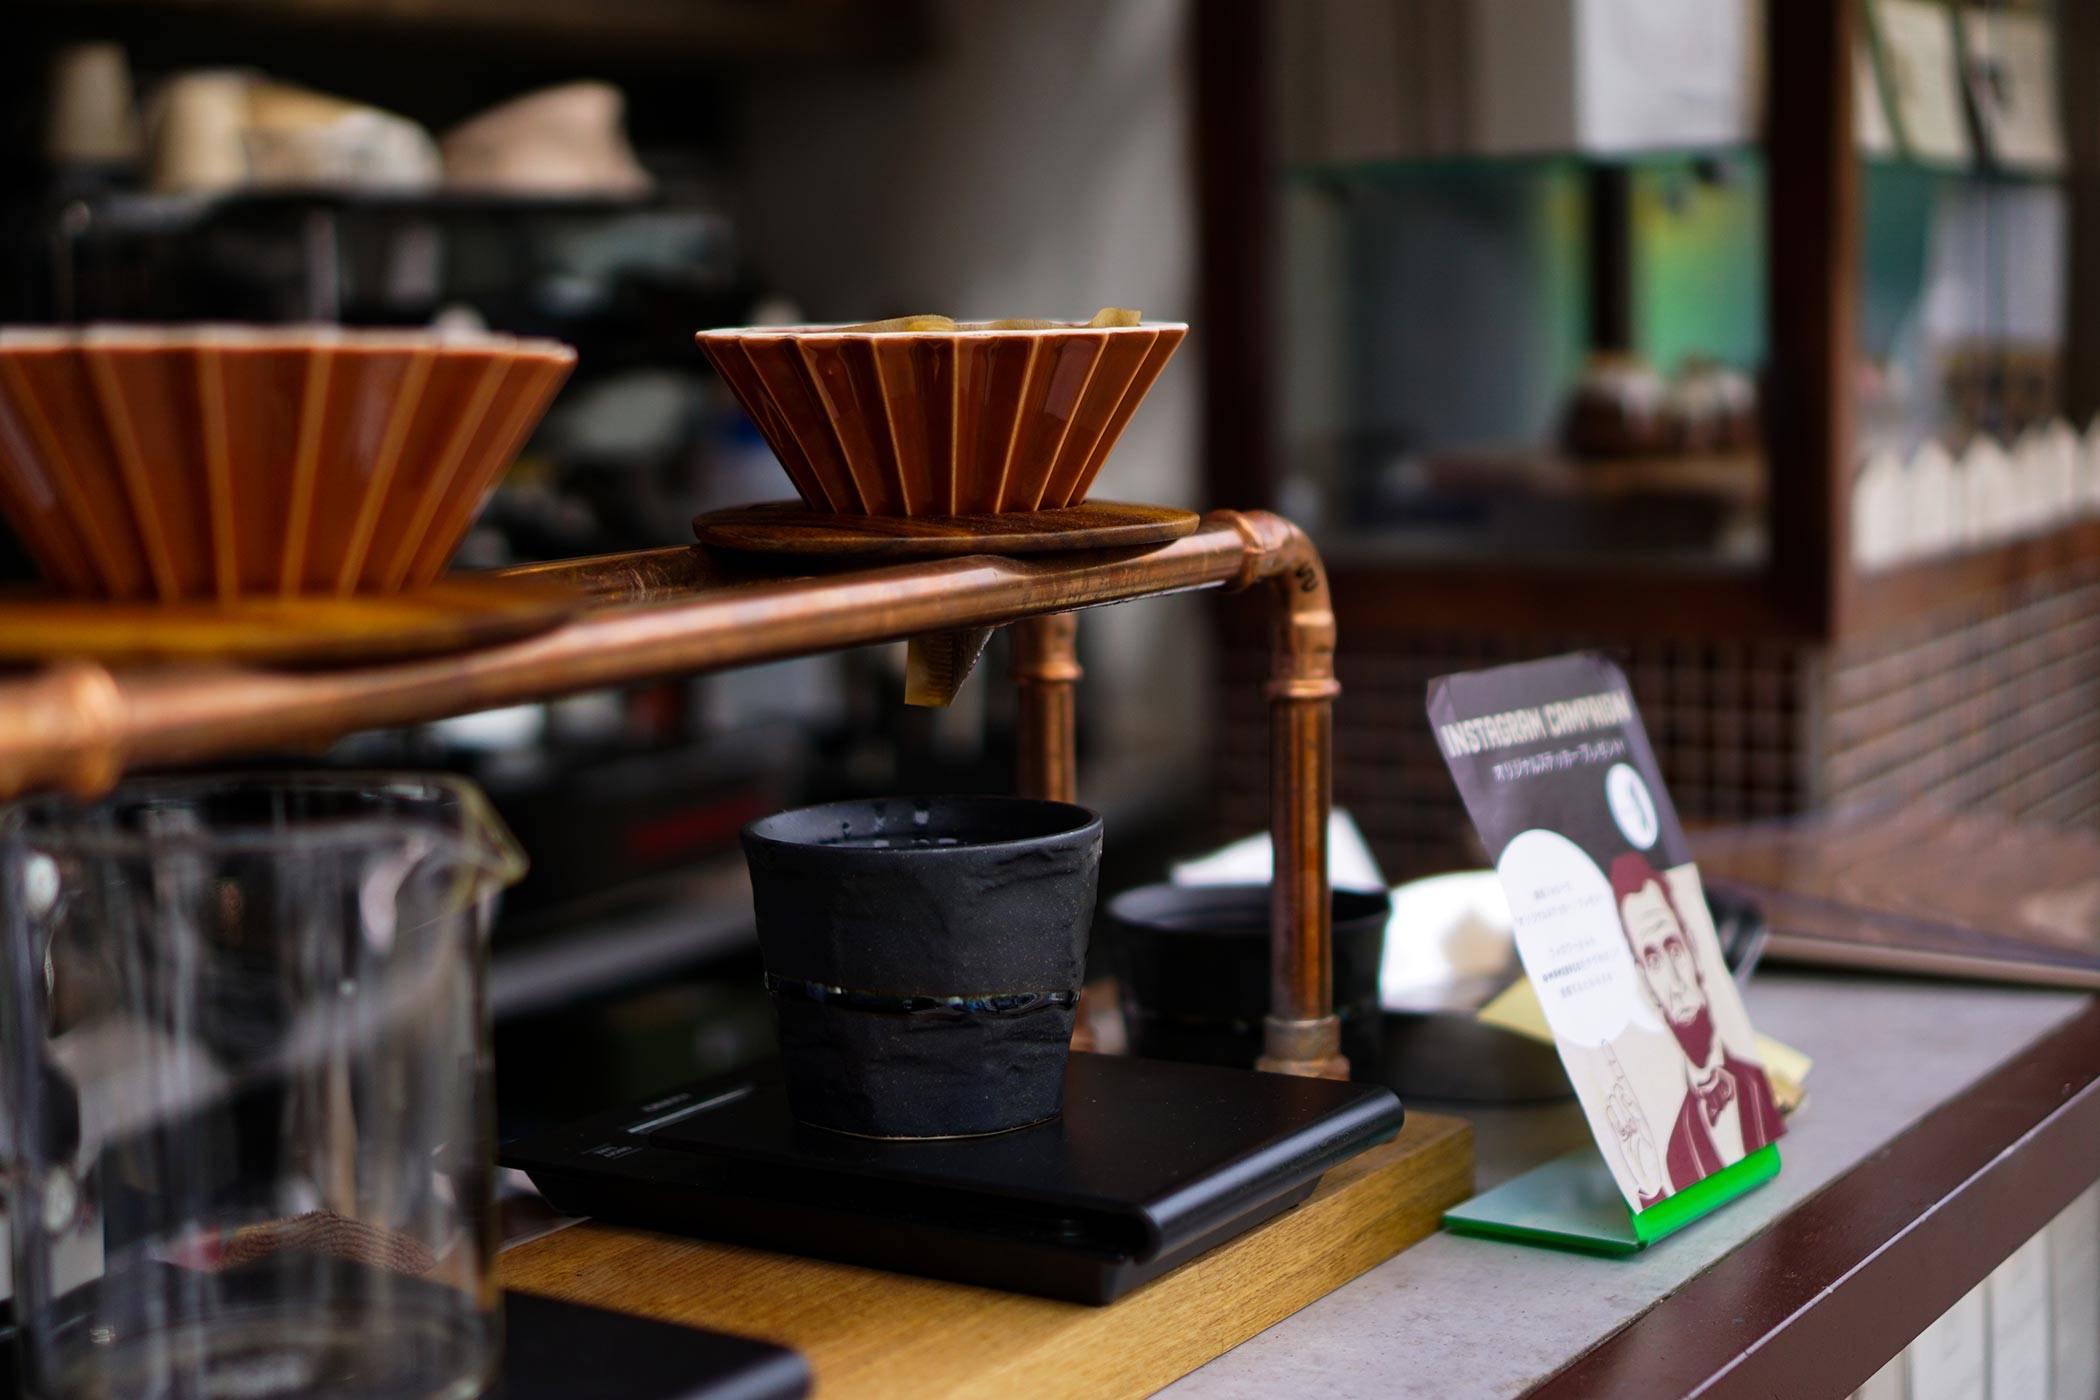 MAMEBACO (マメバコ) 京都 わずか1坪の街に溶け込むコーヒースタンド